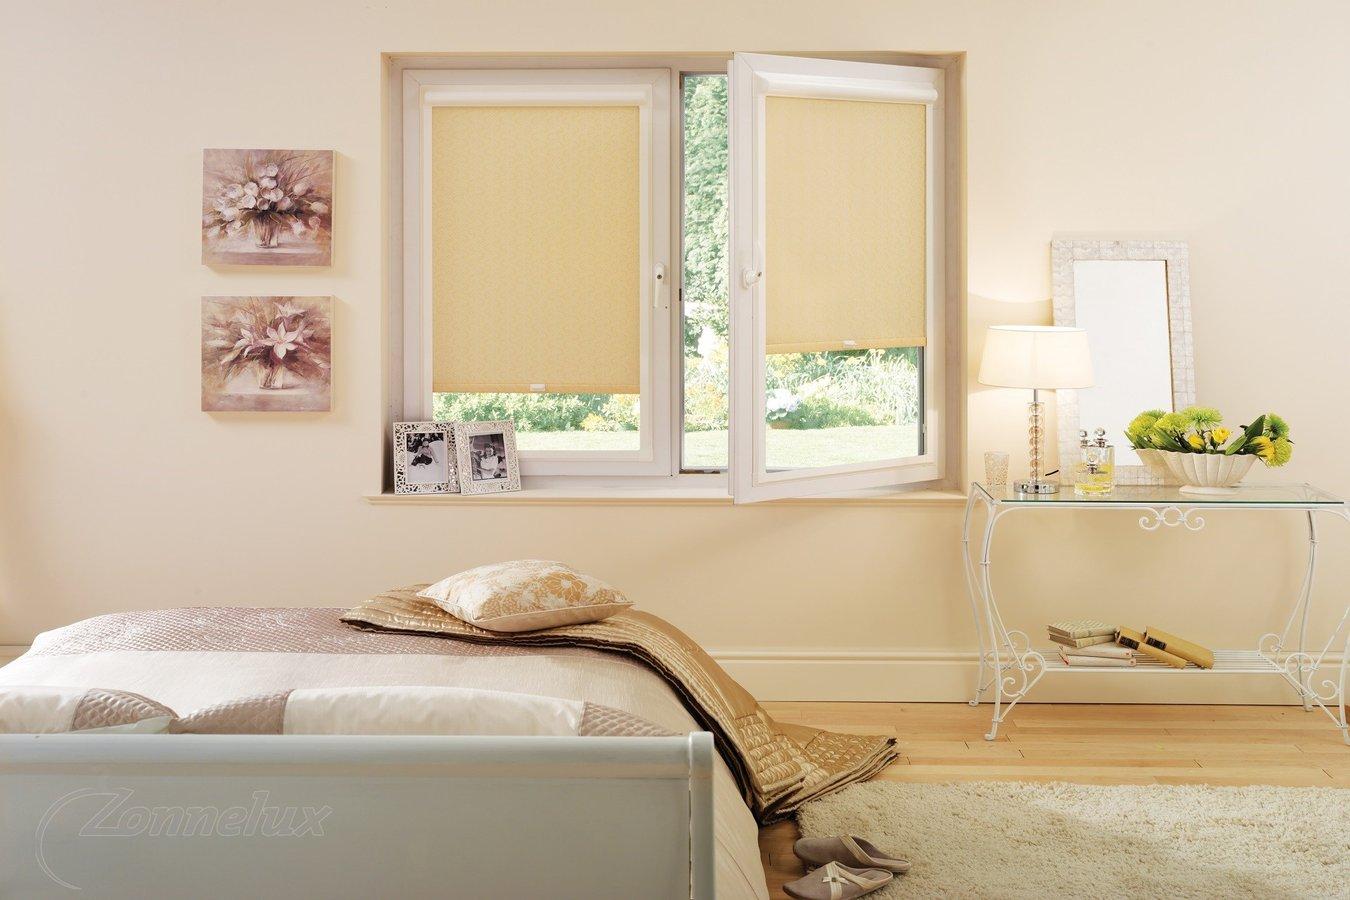 Rolgordijnen Slaapkamer 18 : Rolgordijnen perfect fit slaapkamer u dekor wateringen